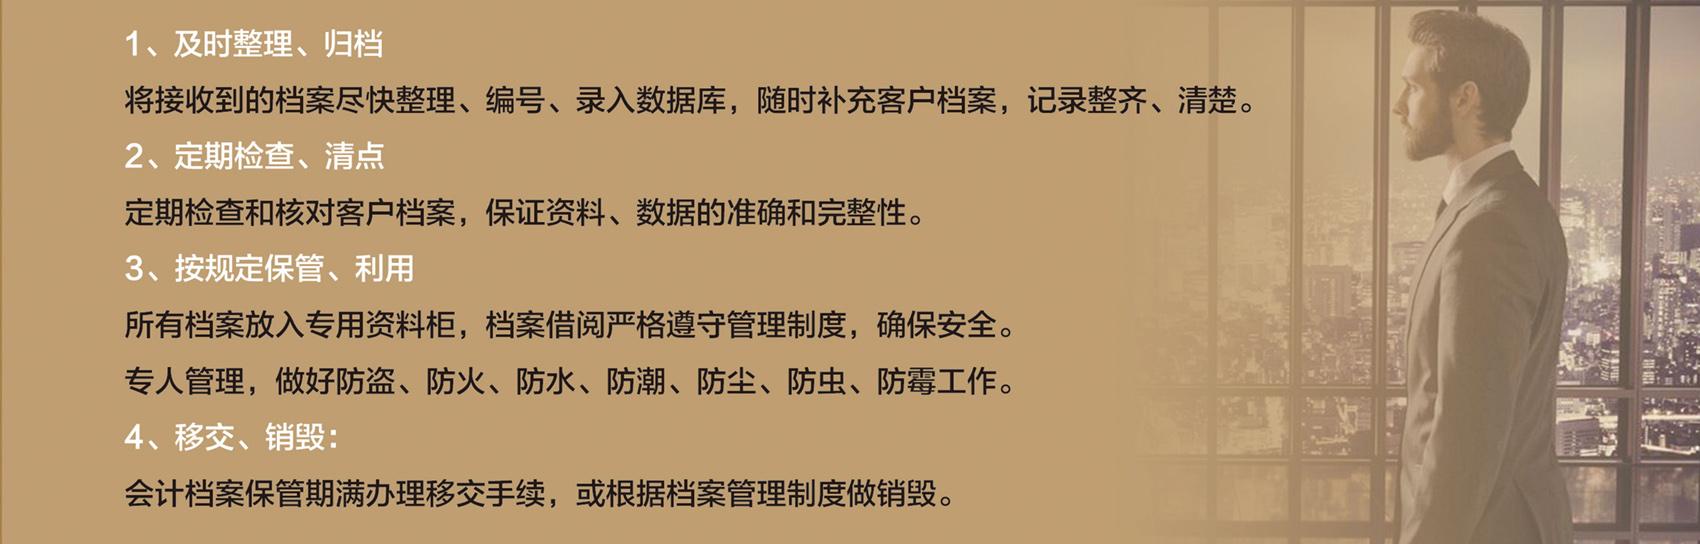 会计档案保管_12.jpg